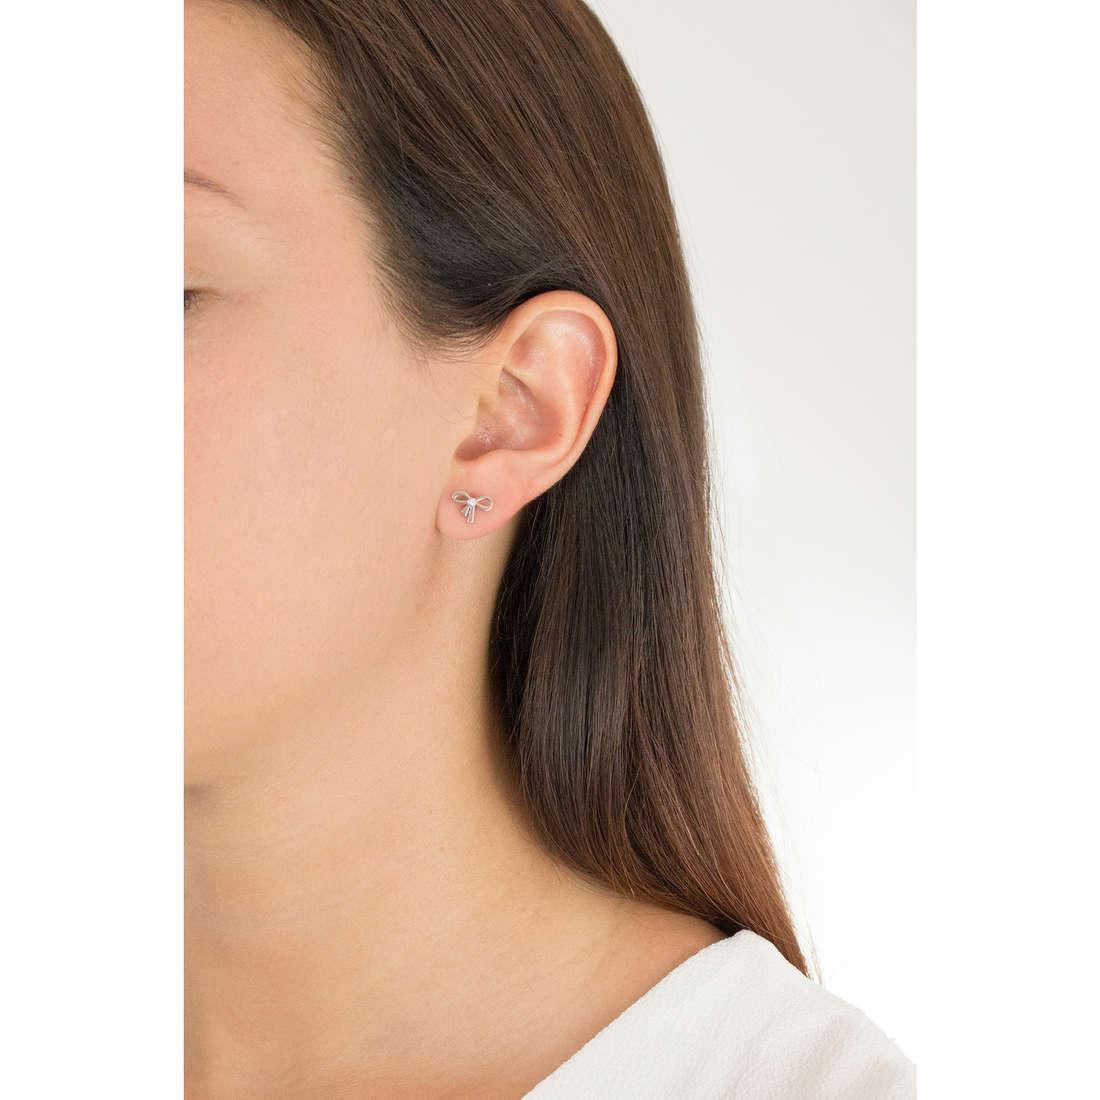 Nomination boucles d'oreille femme 026908/001 photo wearing